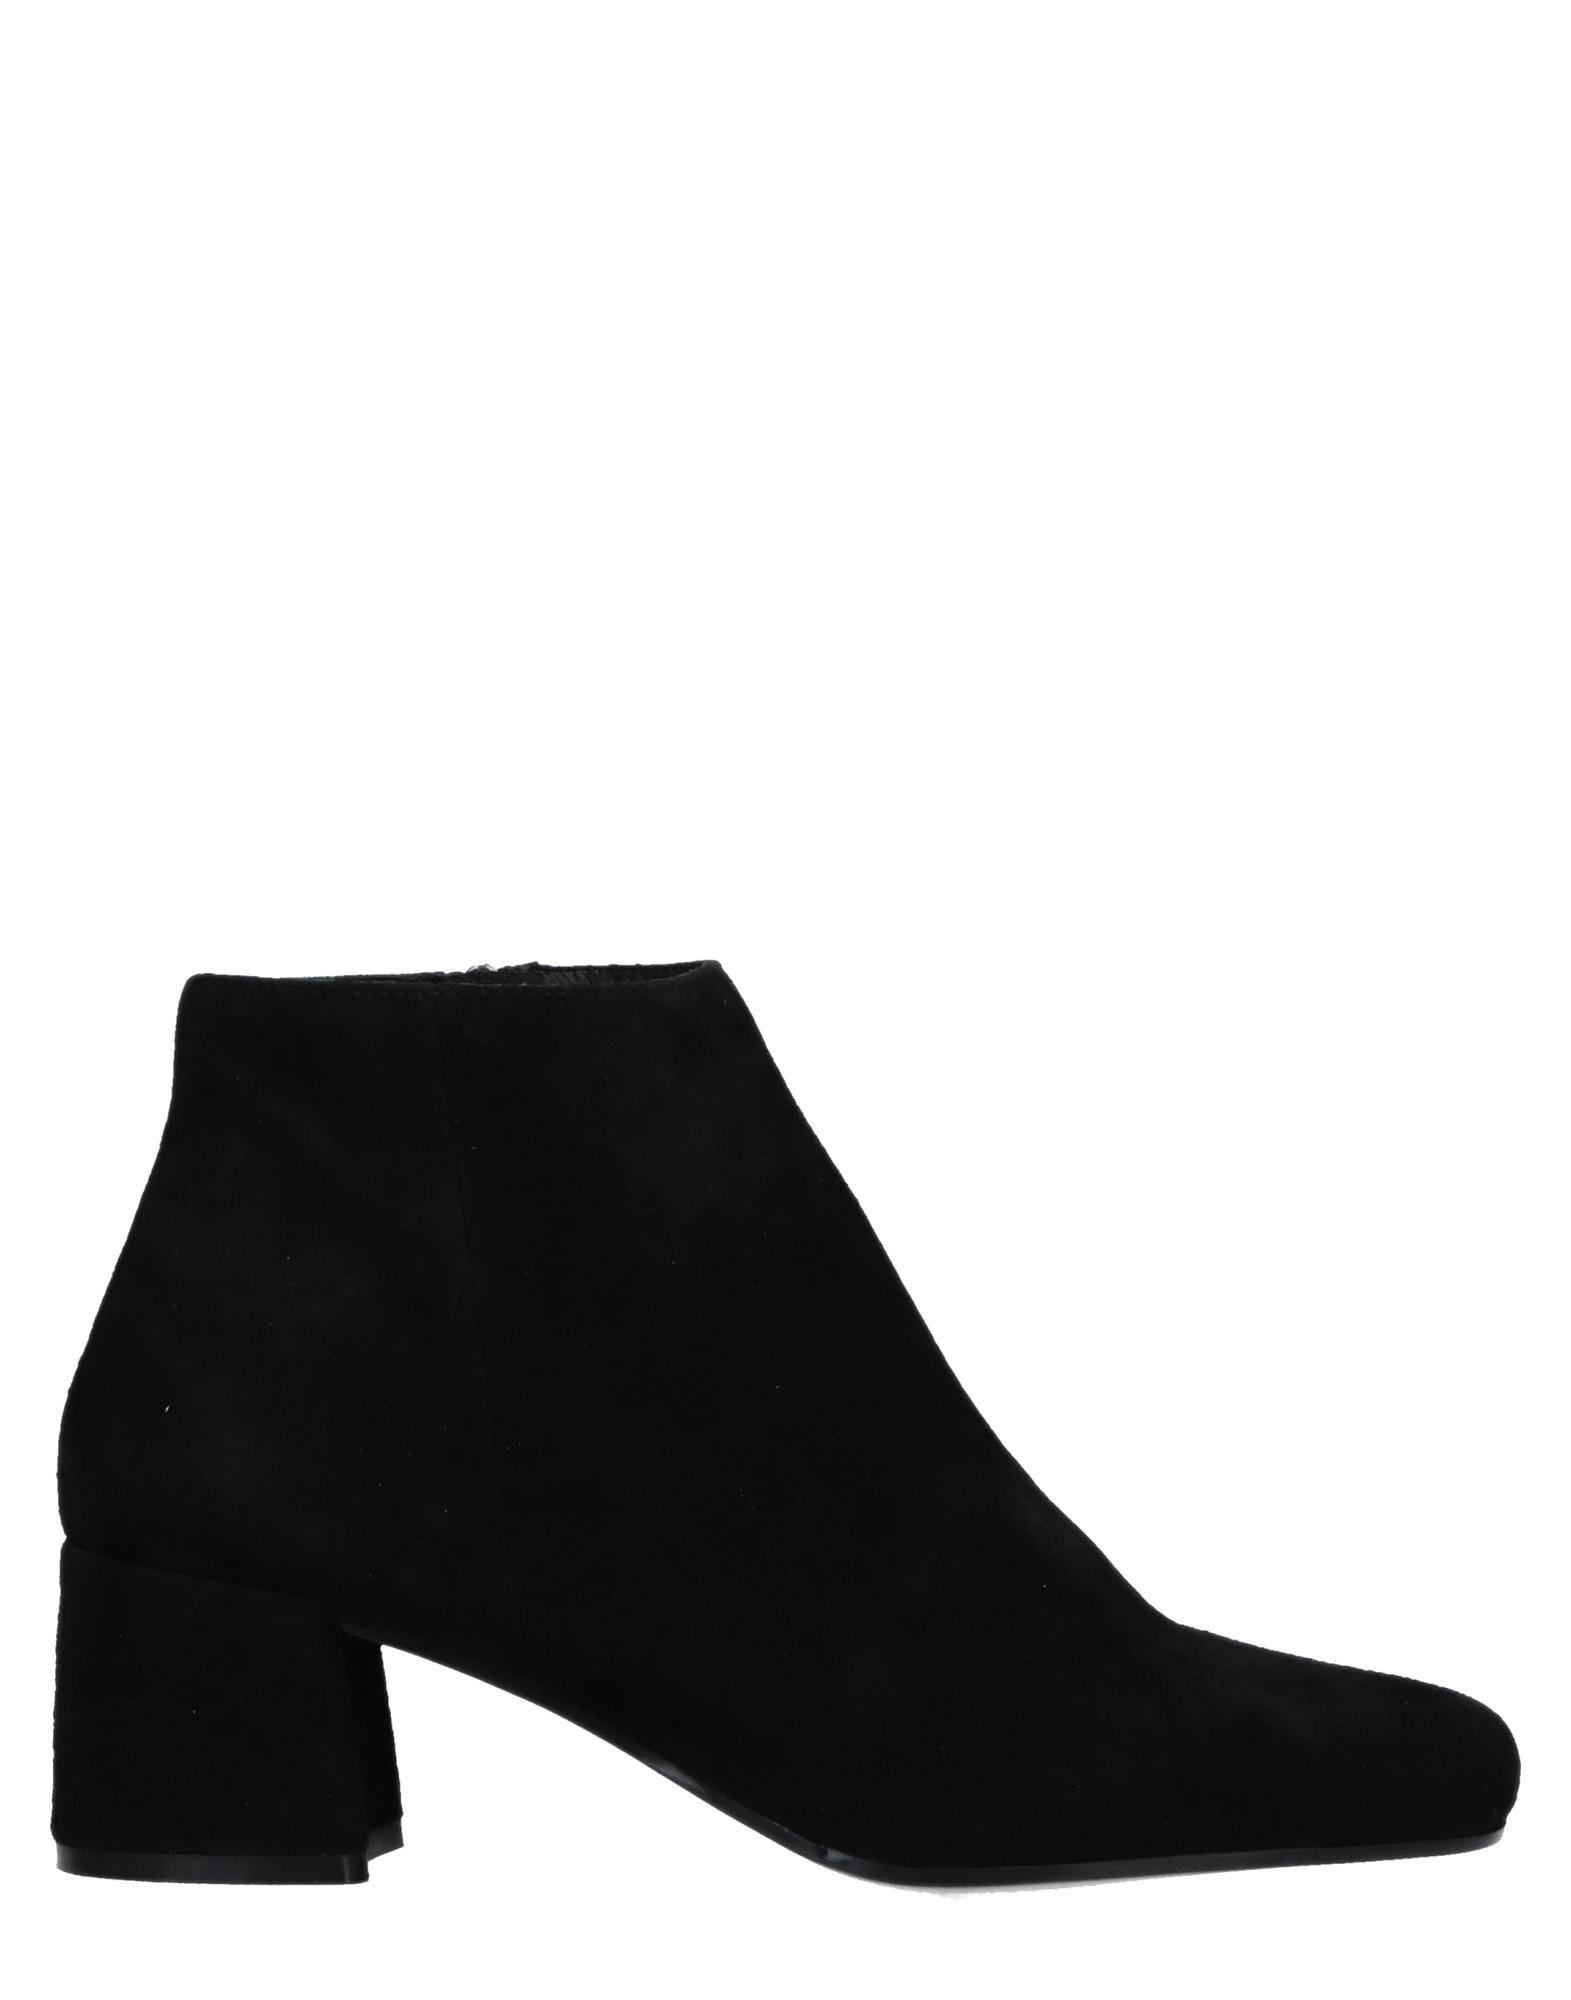 Etwob Stiefelette Damen  11512238OK Gute Qualität beliebte Schuhe